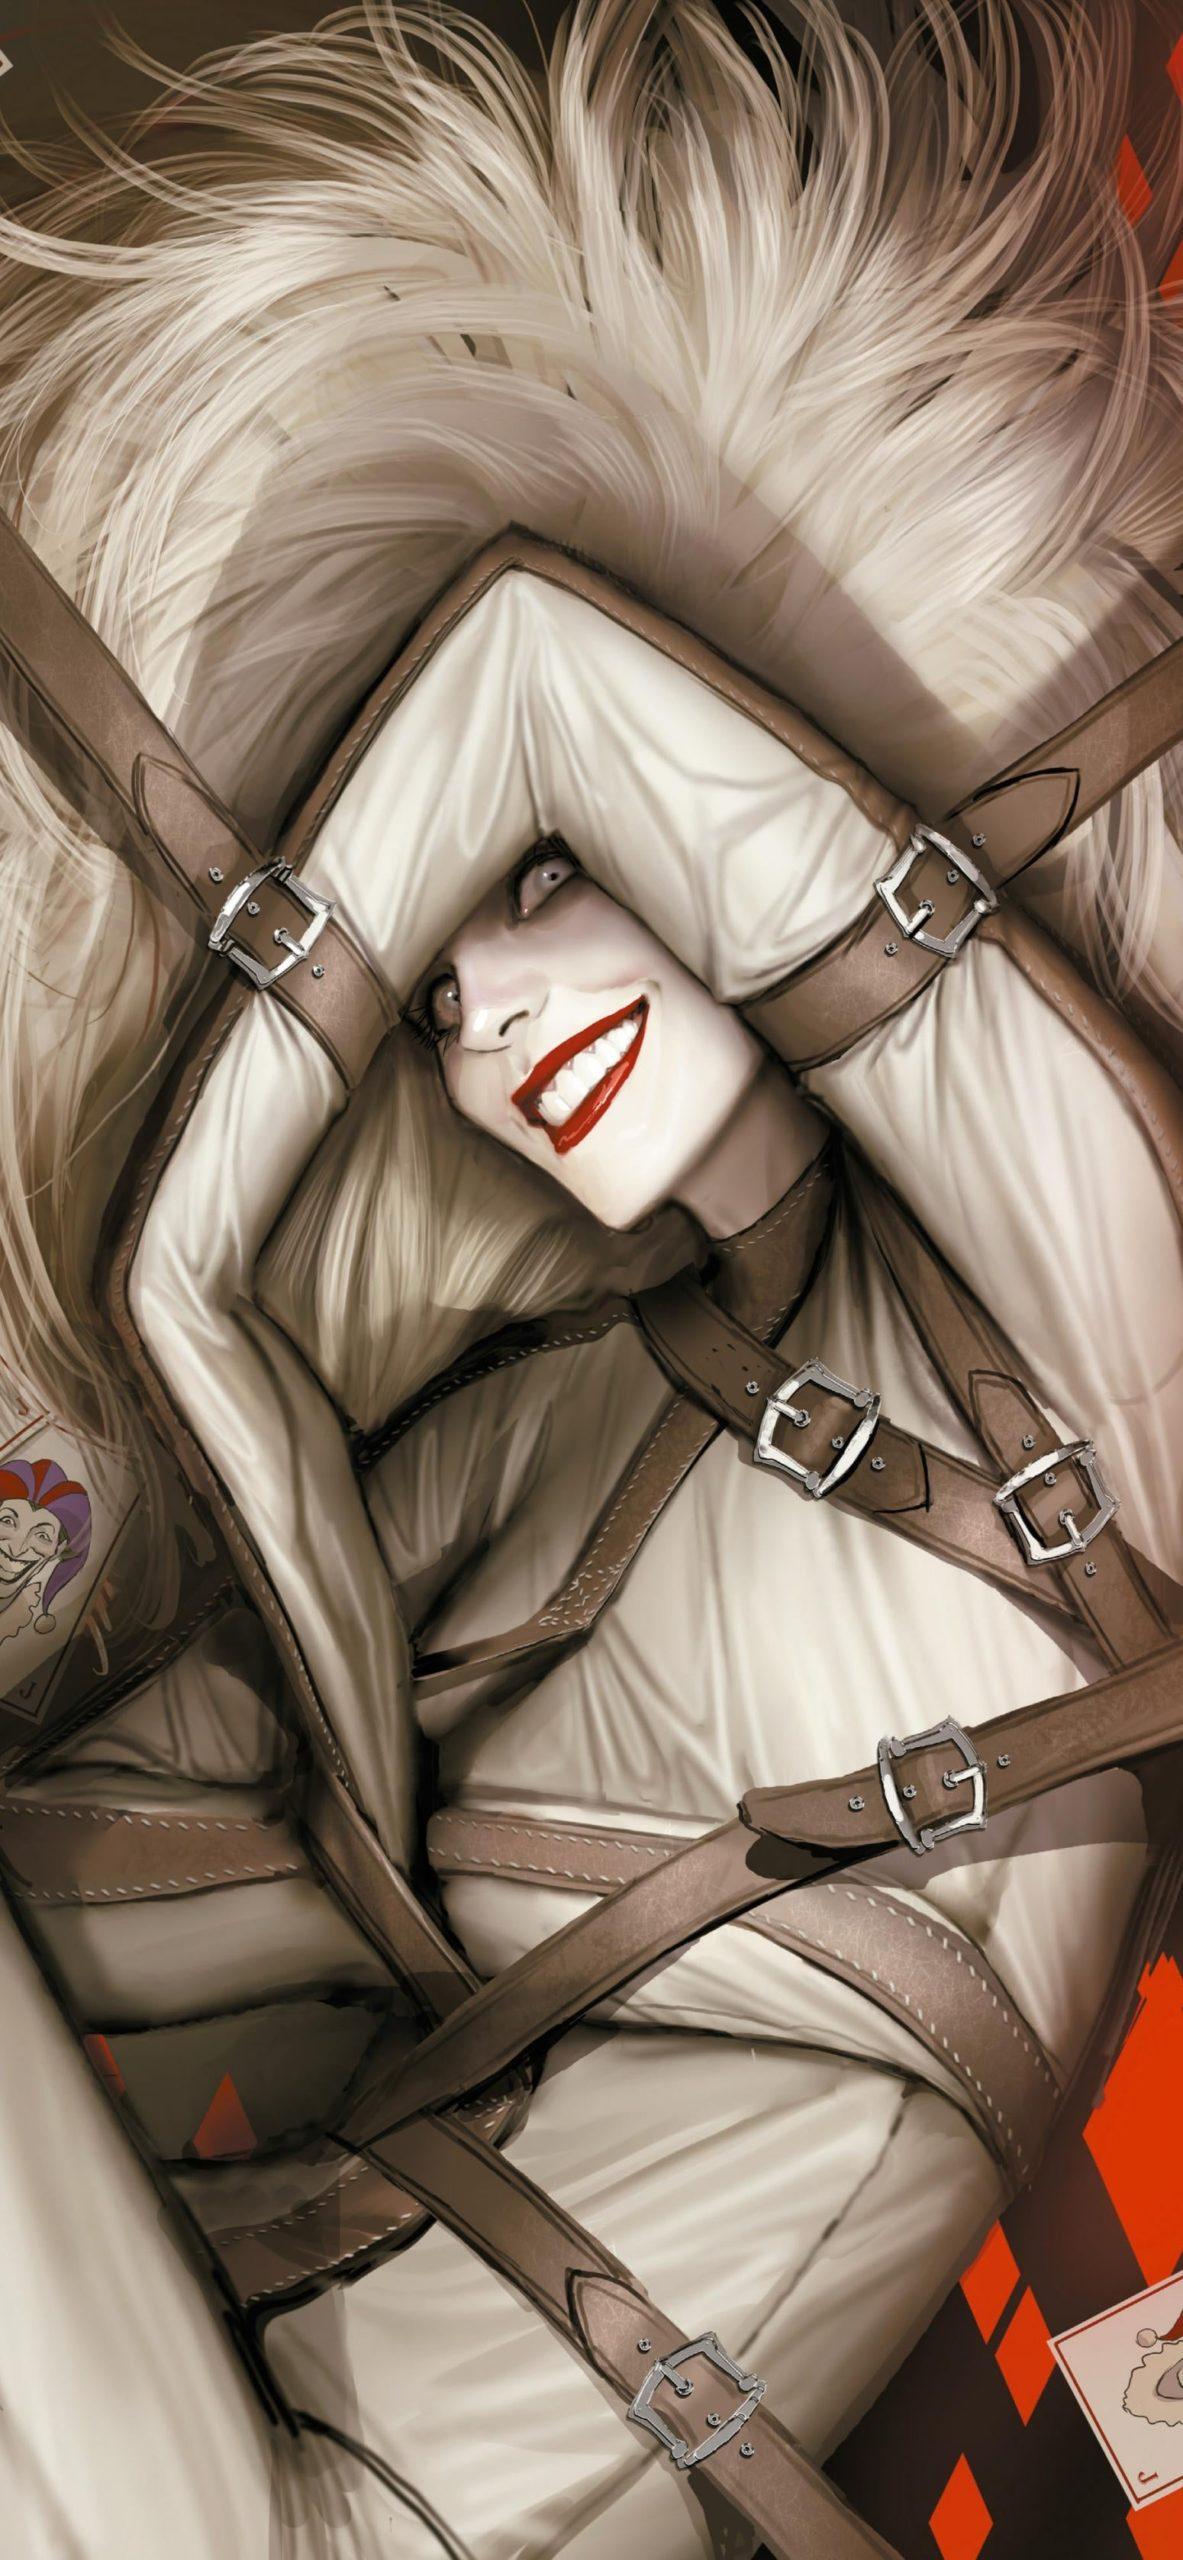 'Harleen' Harley Quinn wallpaper [1550x3354]